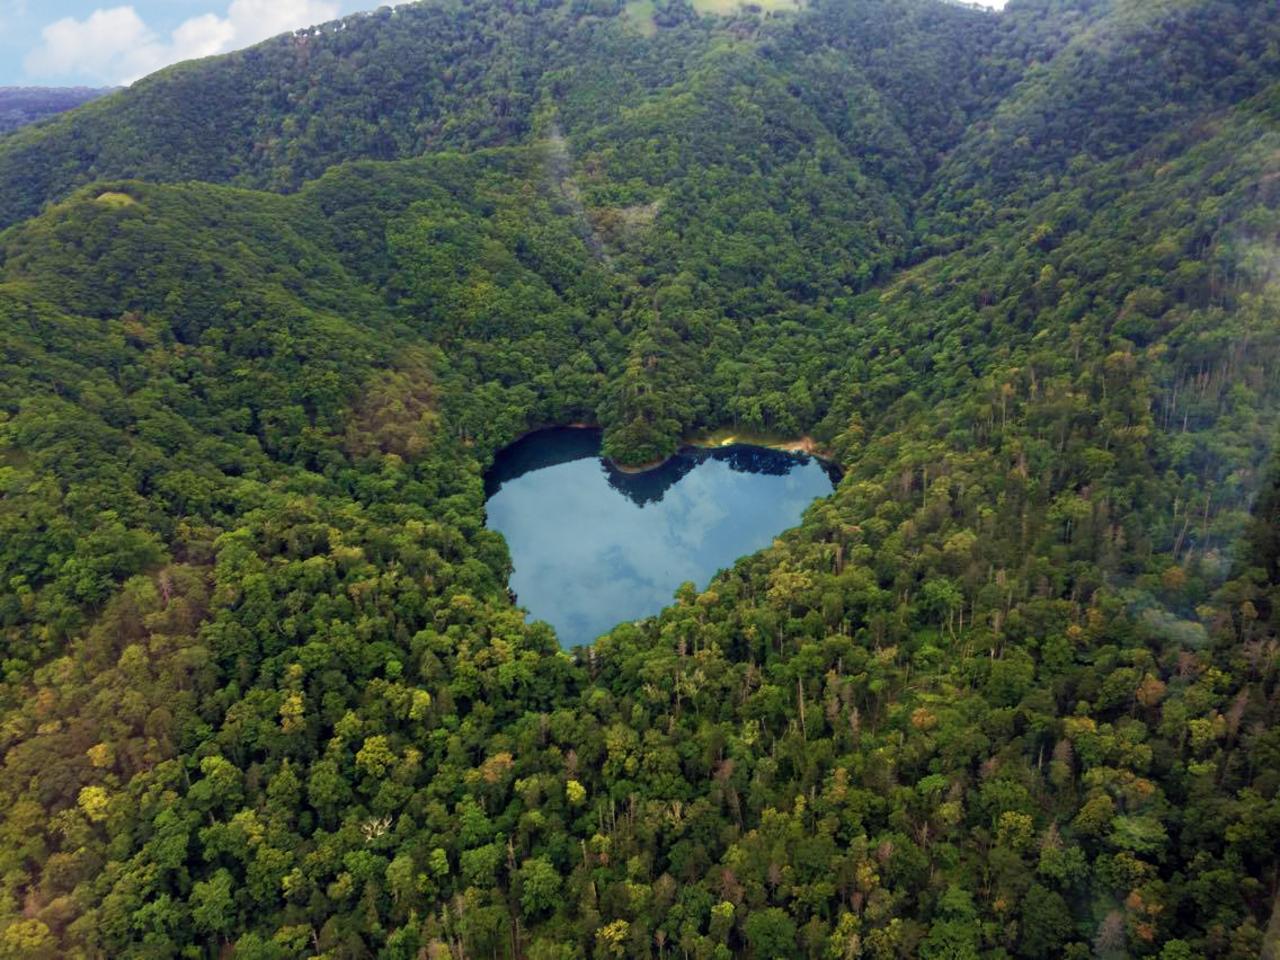 ハート型の幻の湖を上空から眺める 恋人達の新しいスポット 札幌